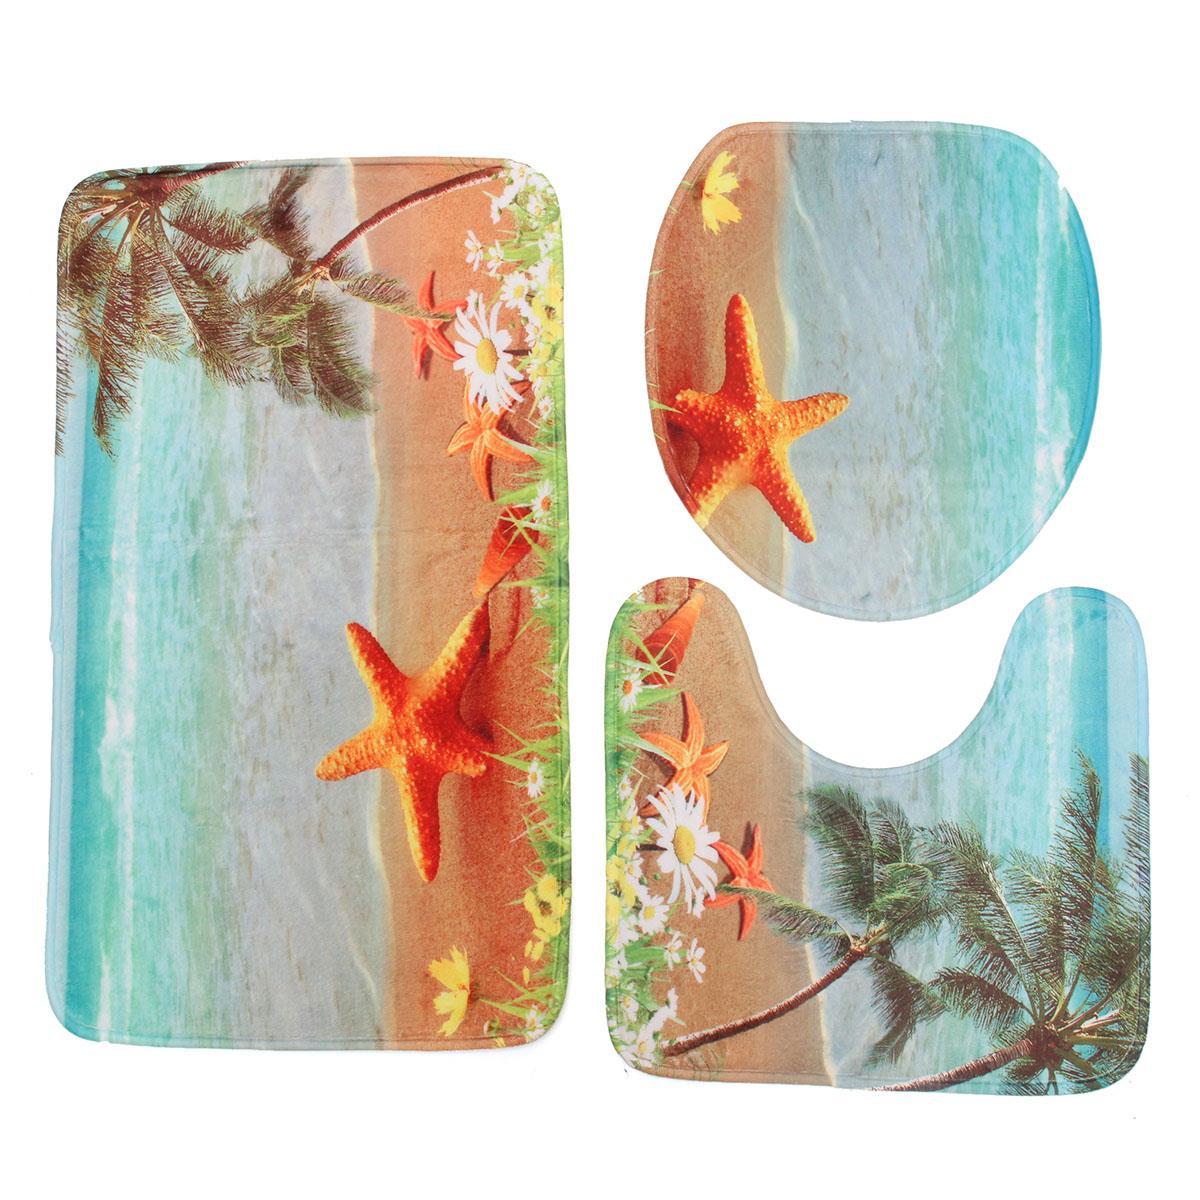 multi modles velours corail pot toilette ensembles 3 pice costume tapis anti skid pad doux tapis confortables accueil salle de - Tapie Salle De Bain Aliexpress